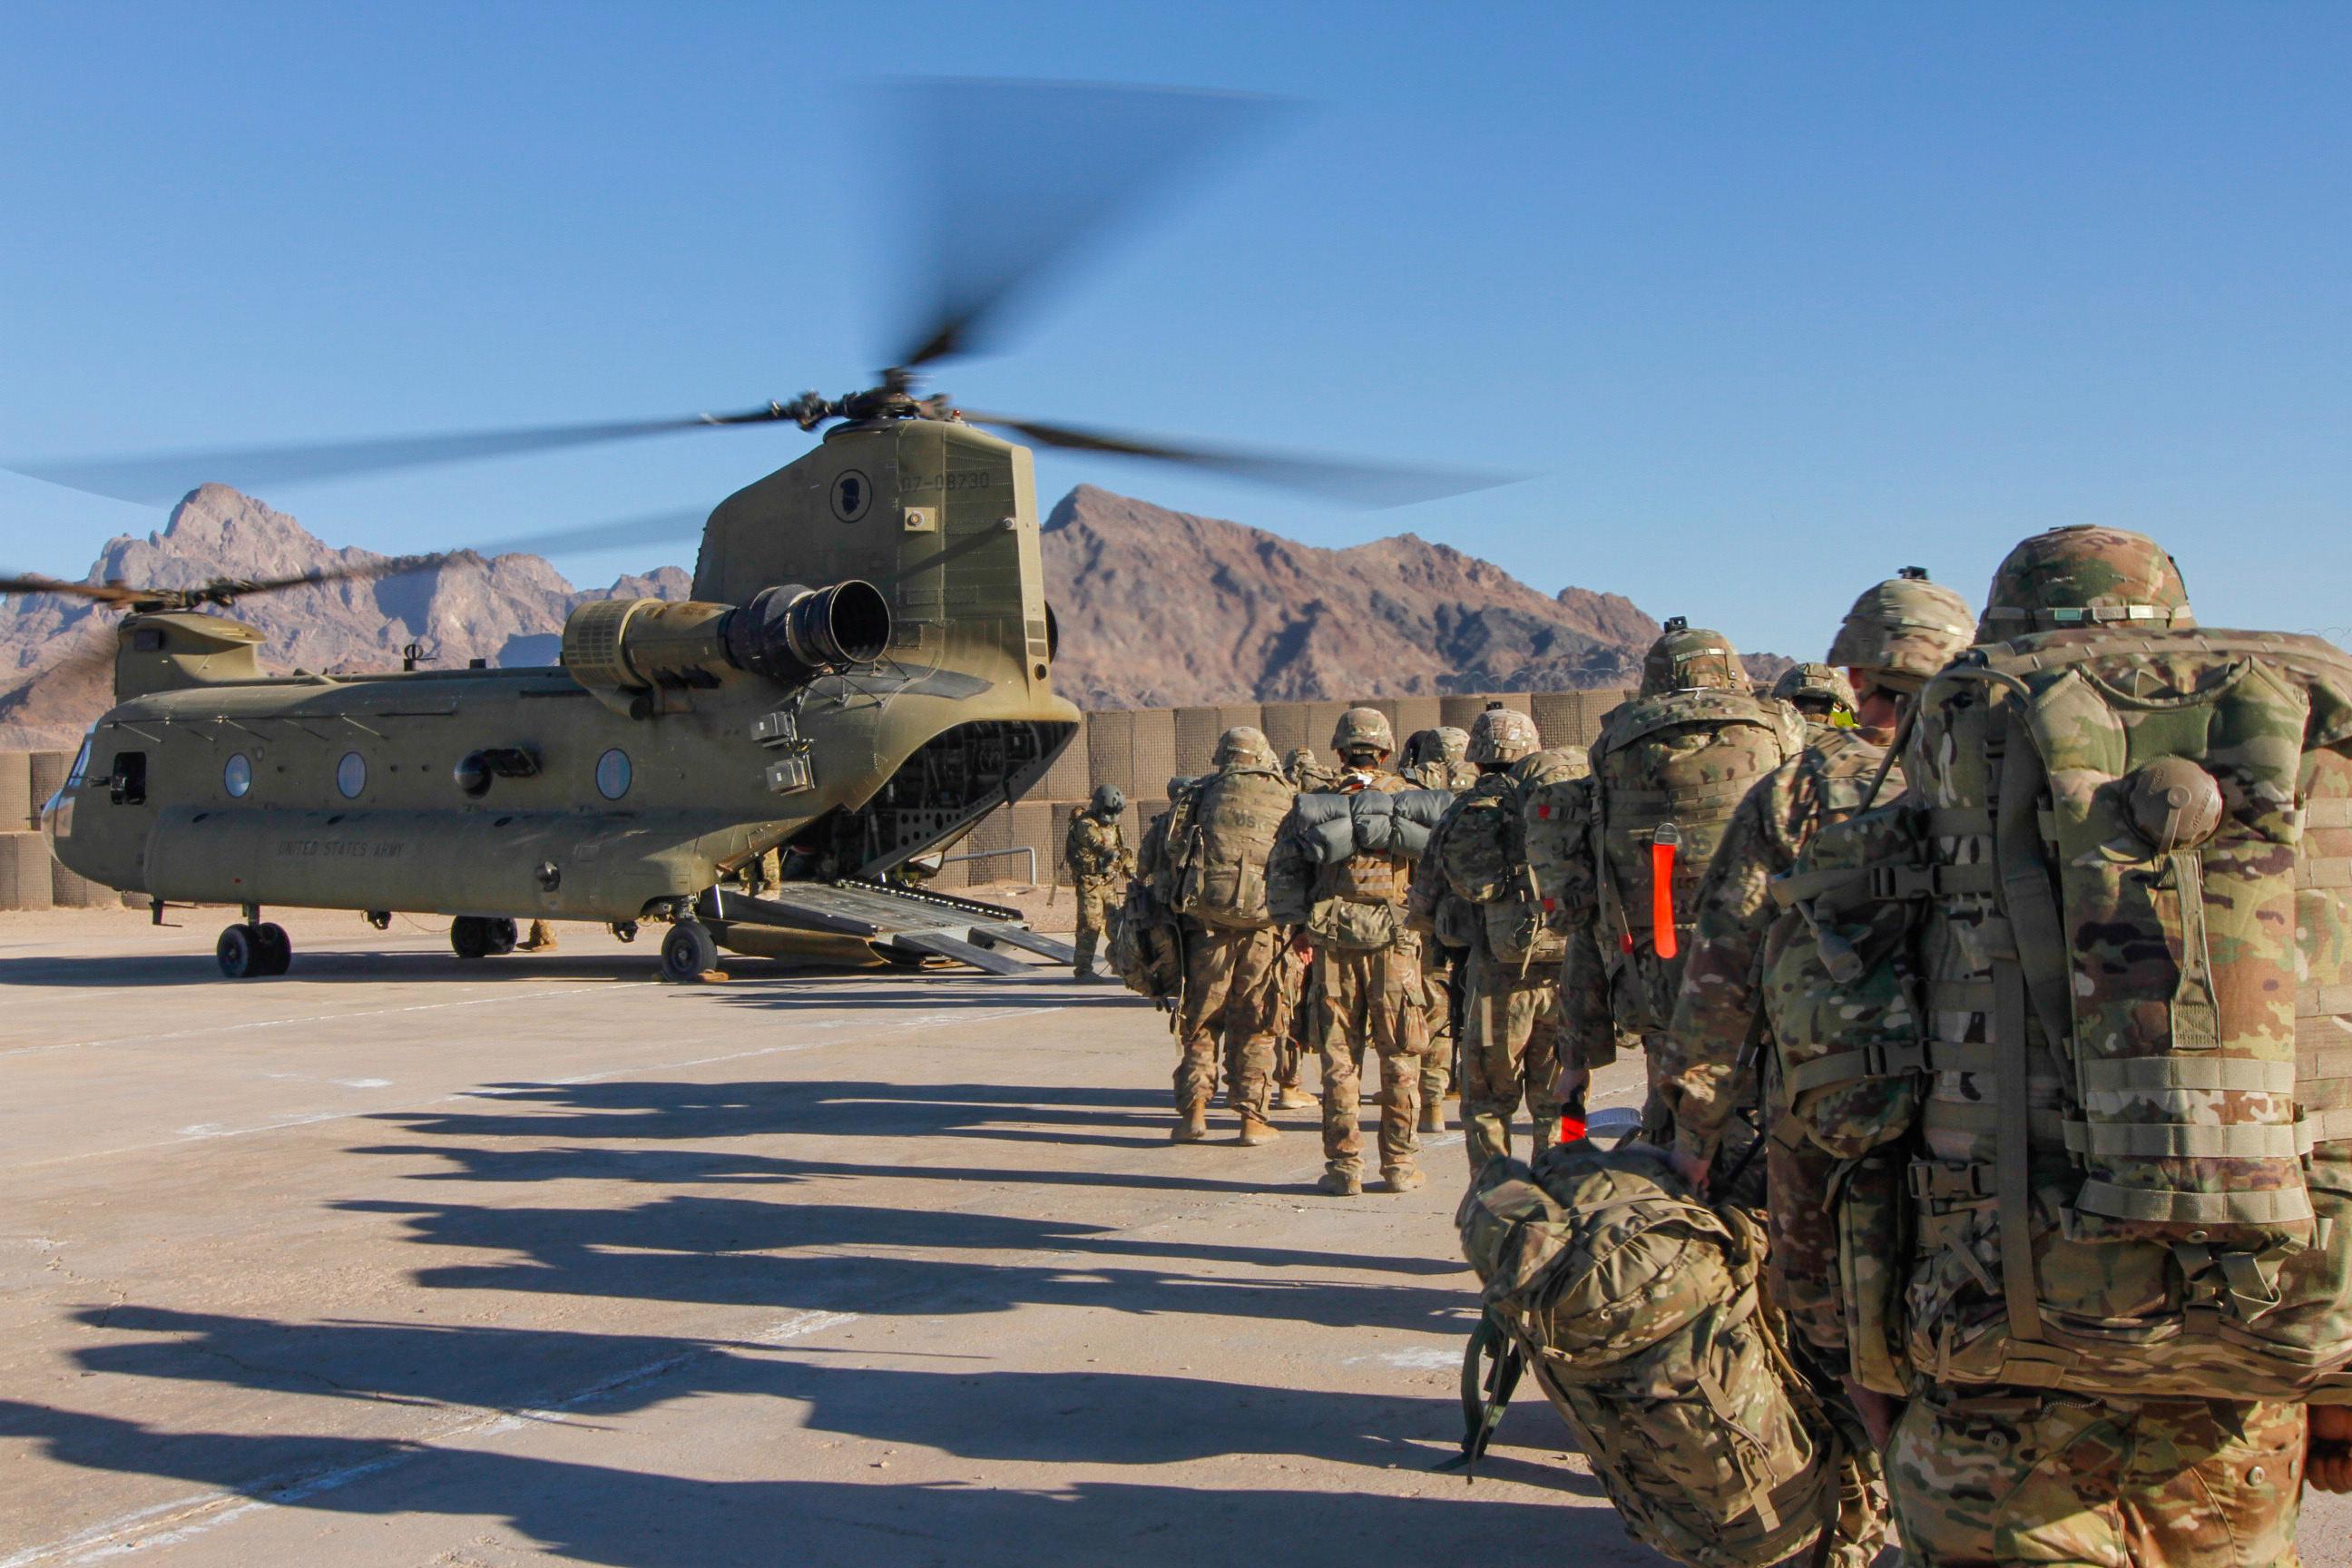 Los principales líderes militares advierten que la retirada podría provocar más derramamiento de sangre